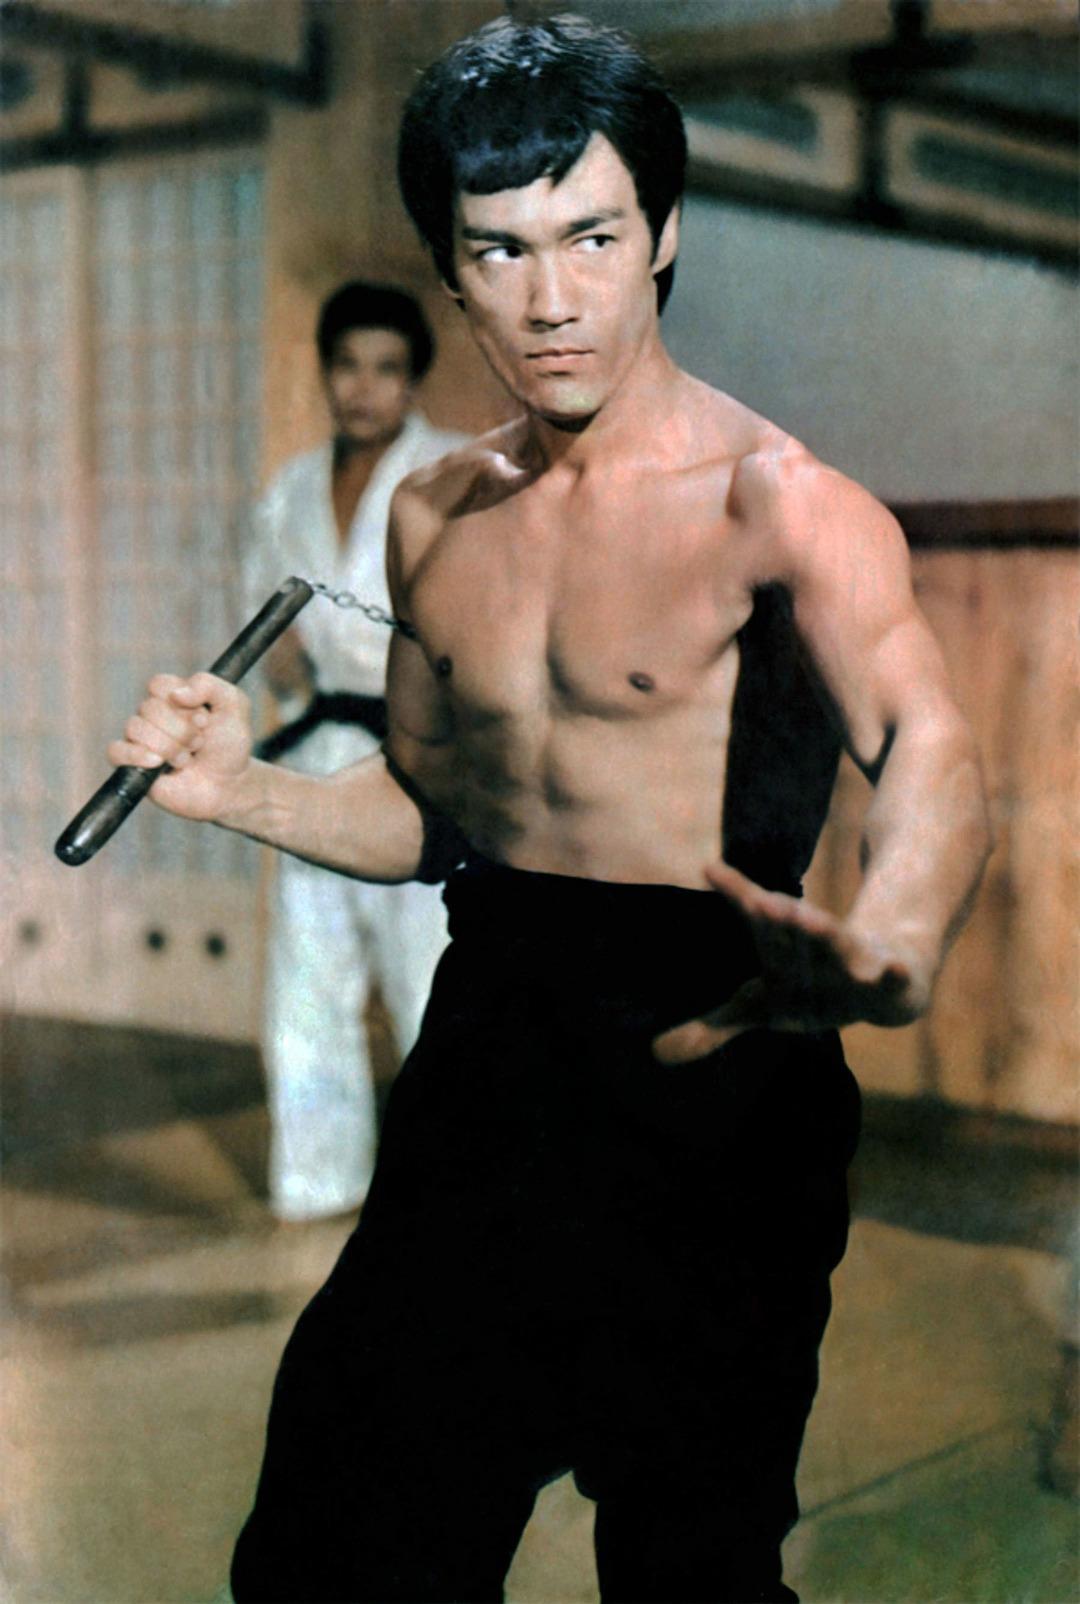 當代中國-傑出名人-李小龍逝世48周年 功夫電影宏揚中國文化